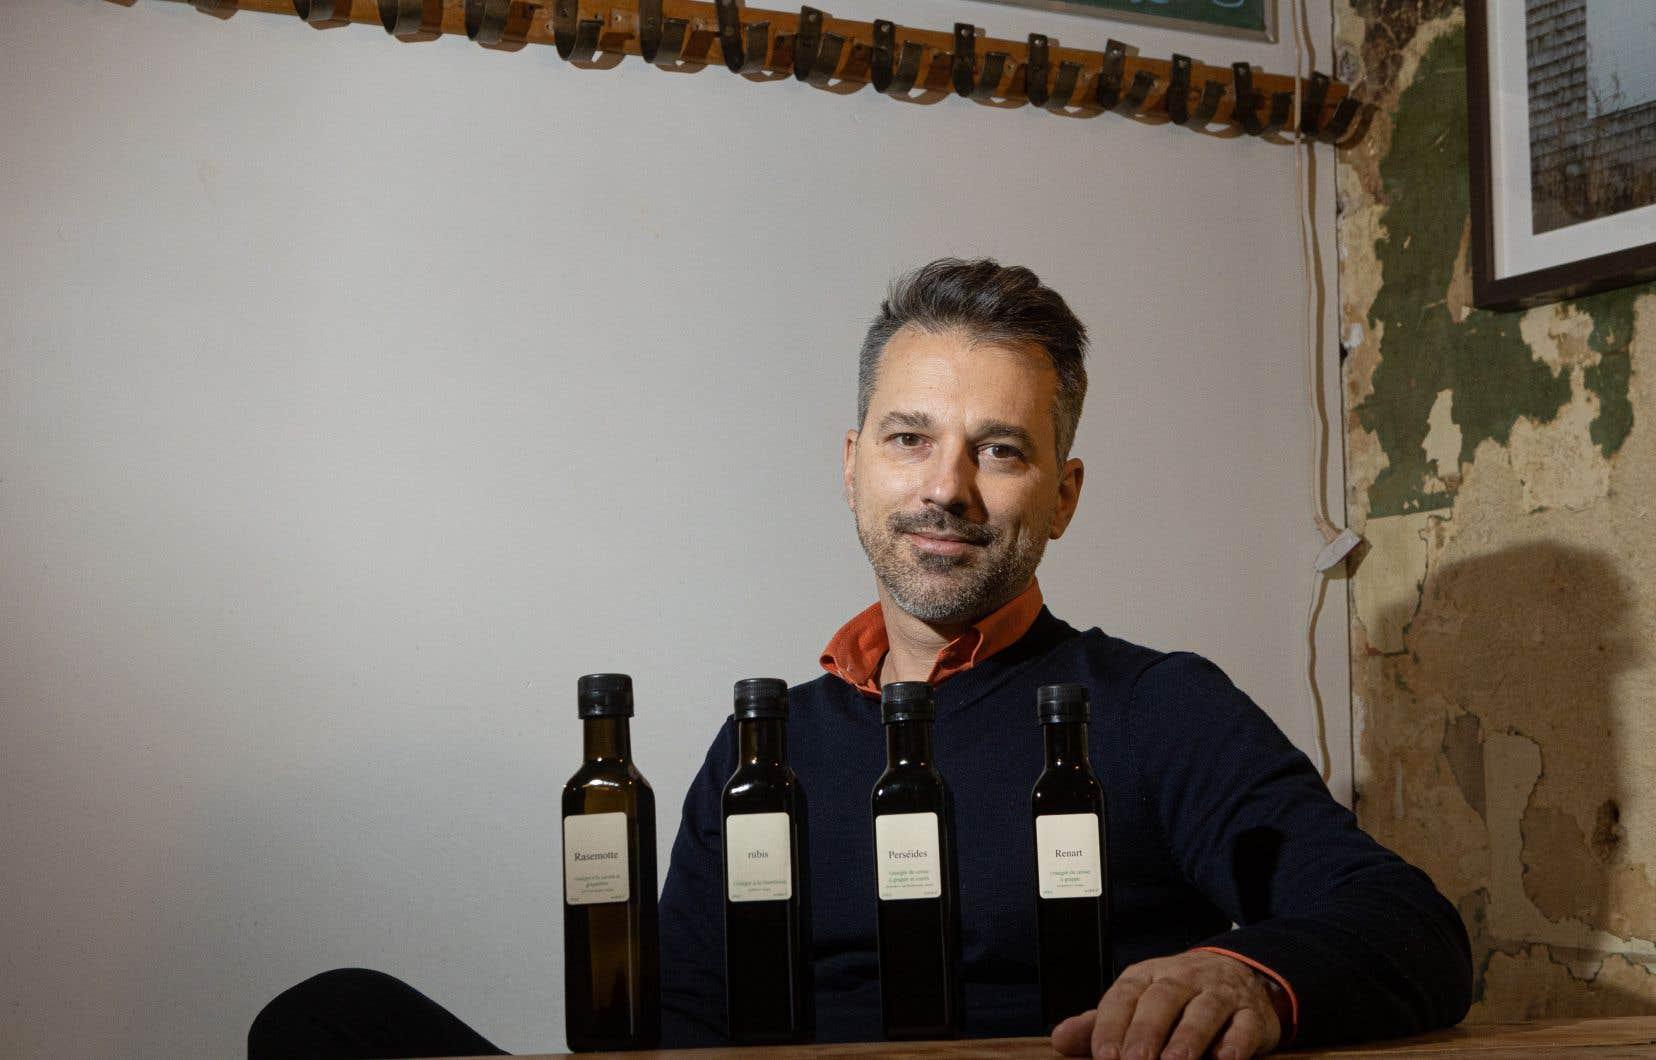 Jean-François Pelchat, de Villa vinaigres  Jardins,  produit  10 variétés  de vinaigres distribuées dans une dizaine  de boutiques  un peu partout au Québec.